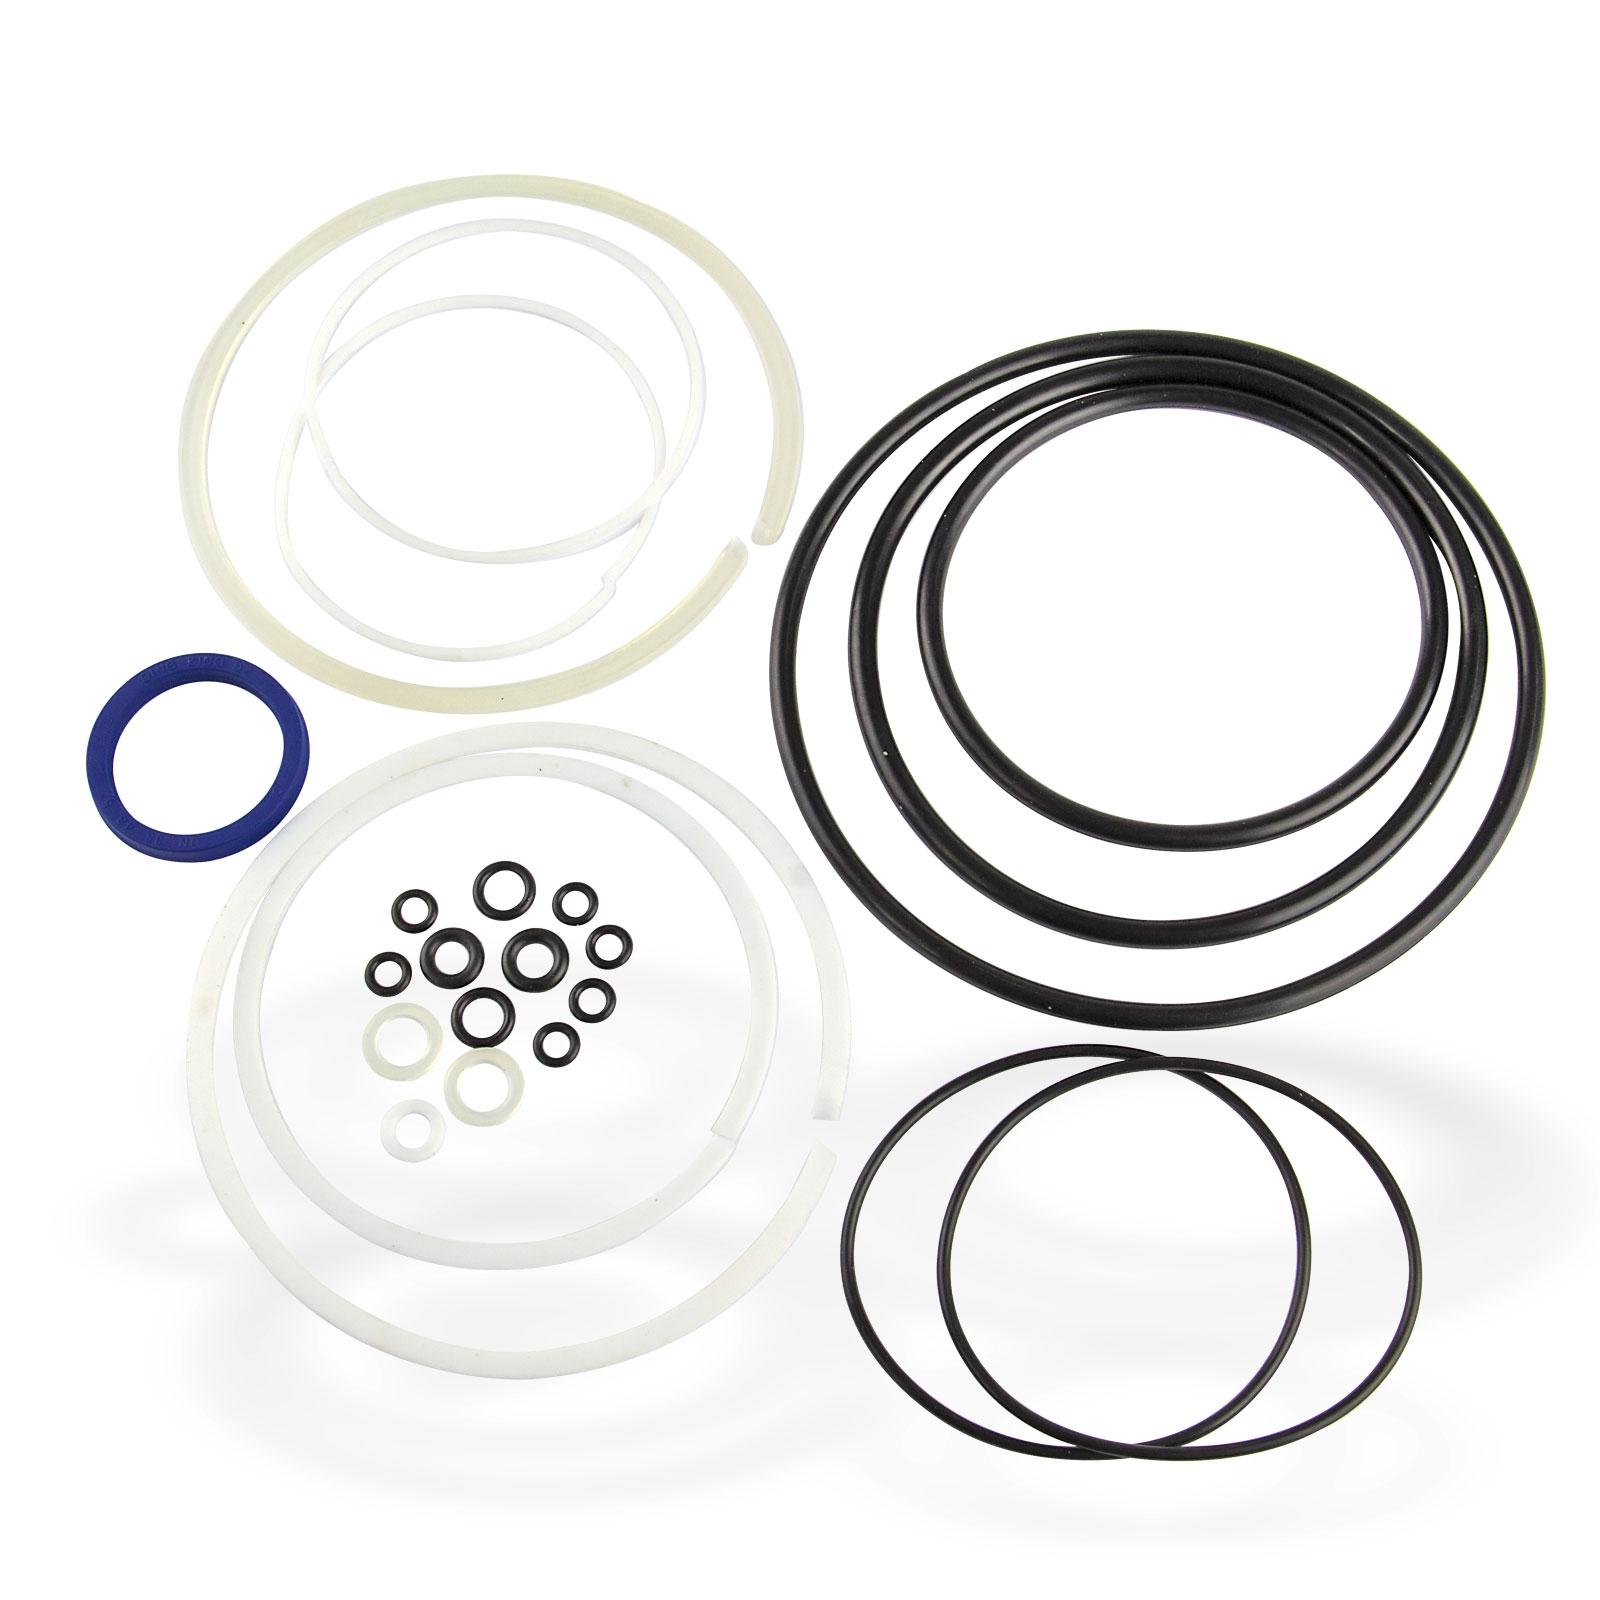 Dema Dichtsatz für Zylinder und Pumpe 24565 ZA10655